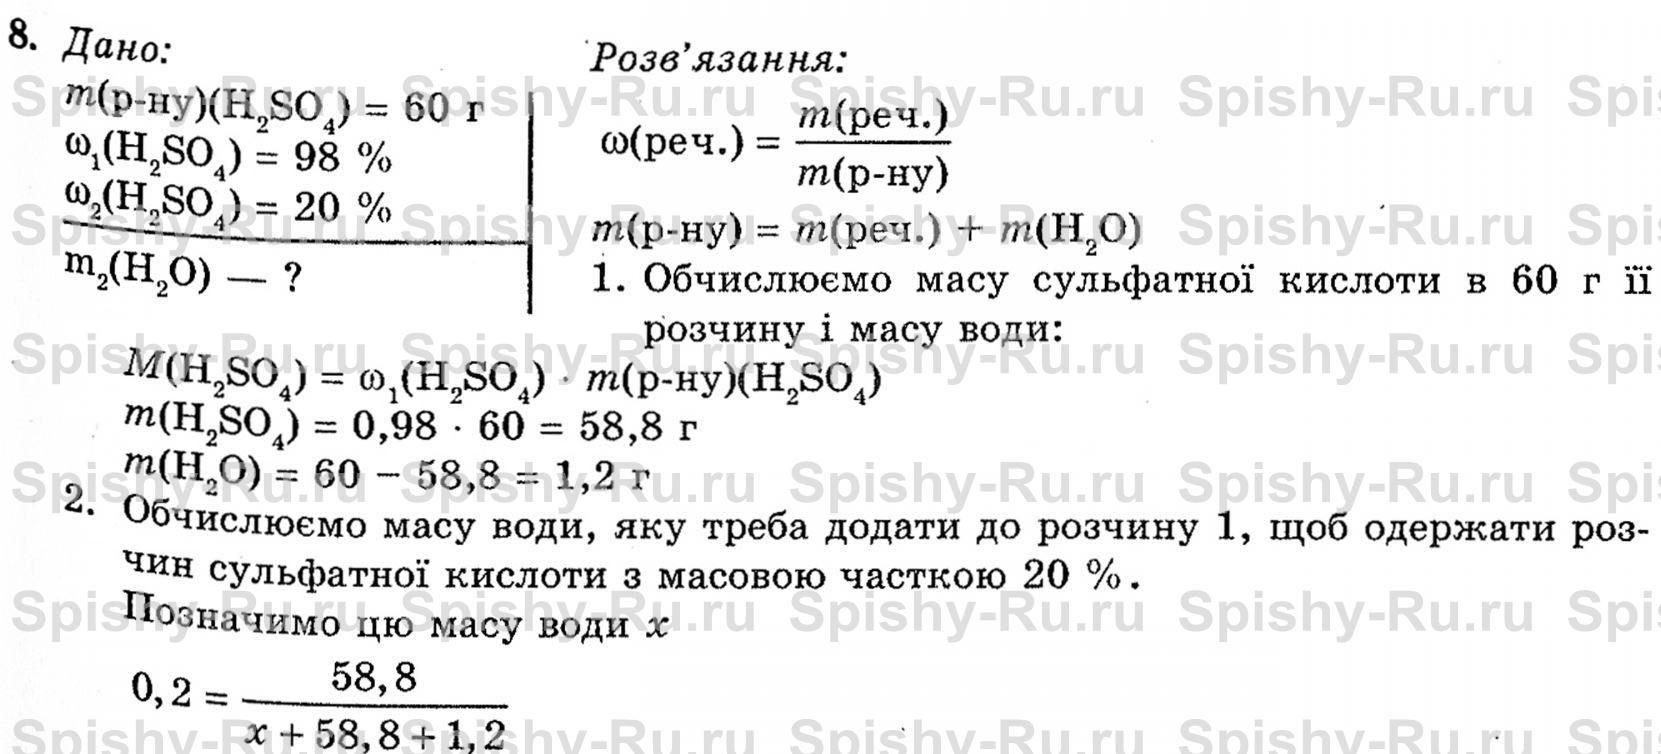 Готовые домашние задания по англискому языку по учебнику lementieva shannon